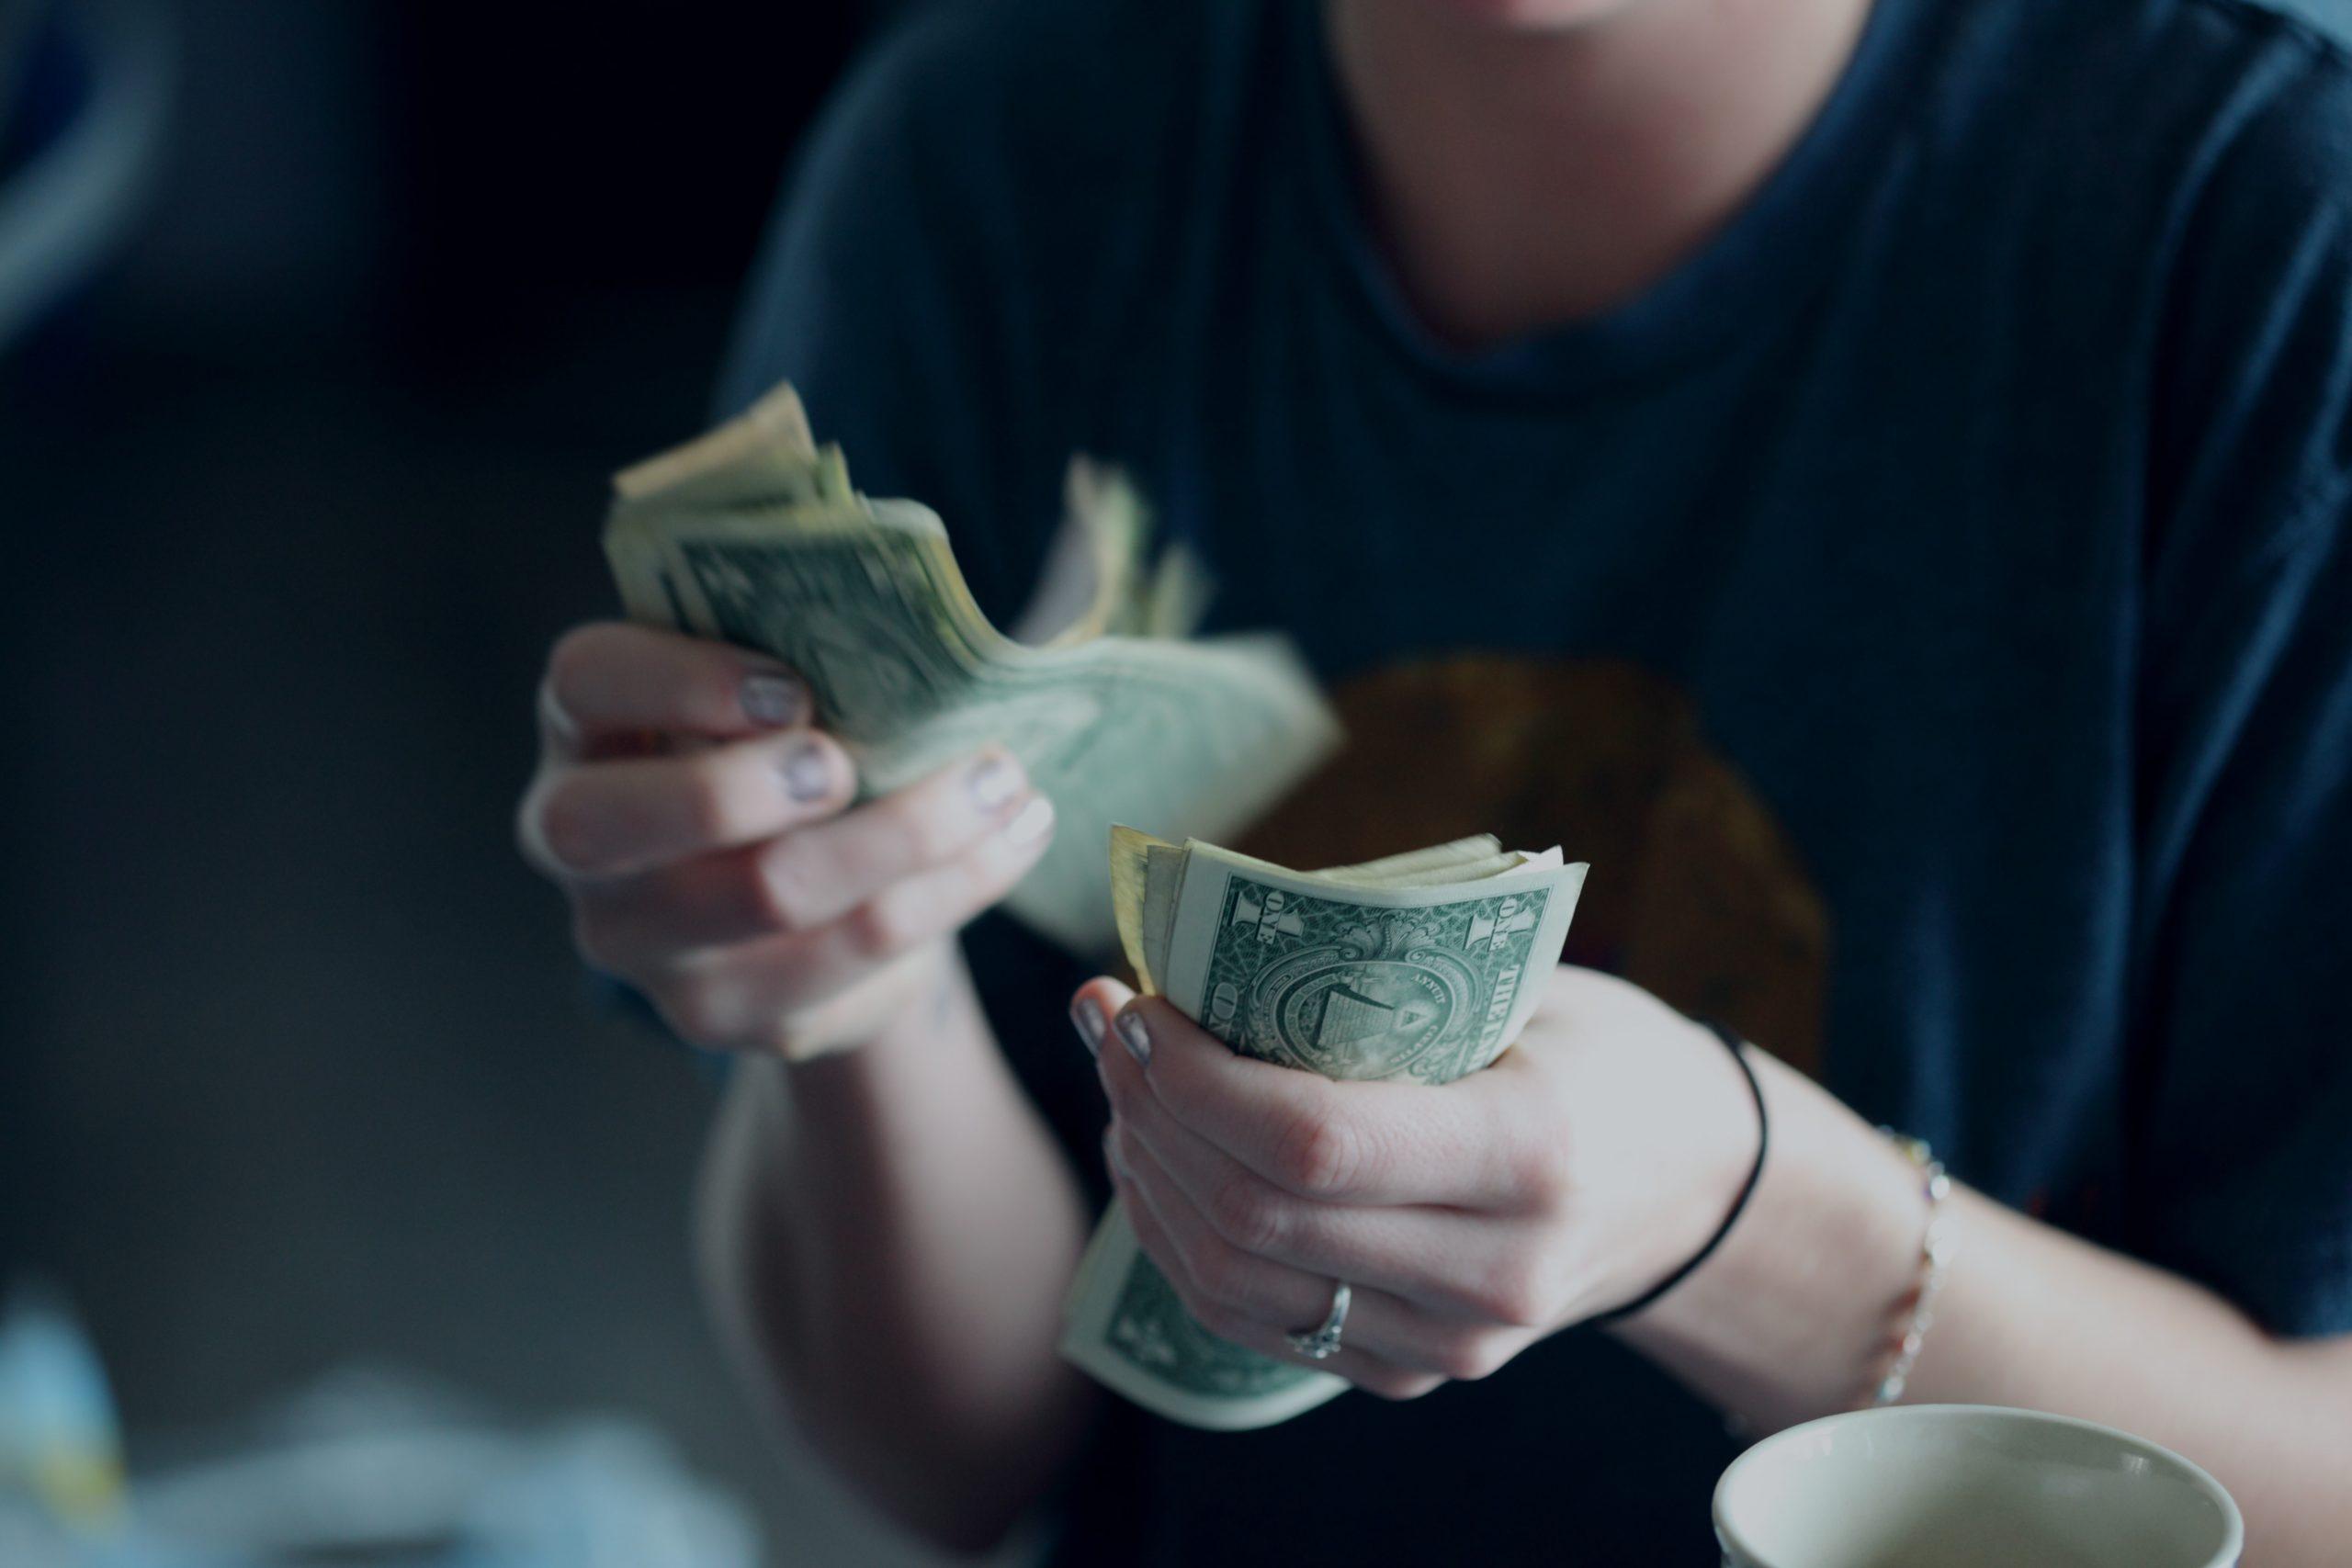 So hinterlegen Sie Geld in Binanz von Sri Lanka